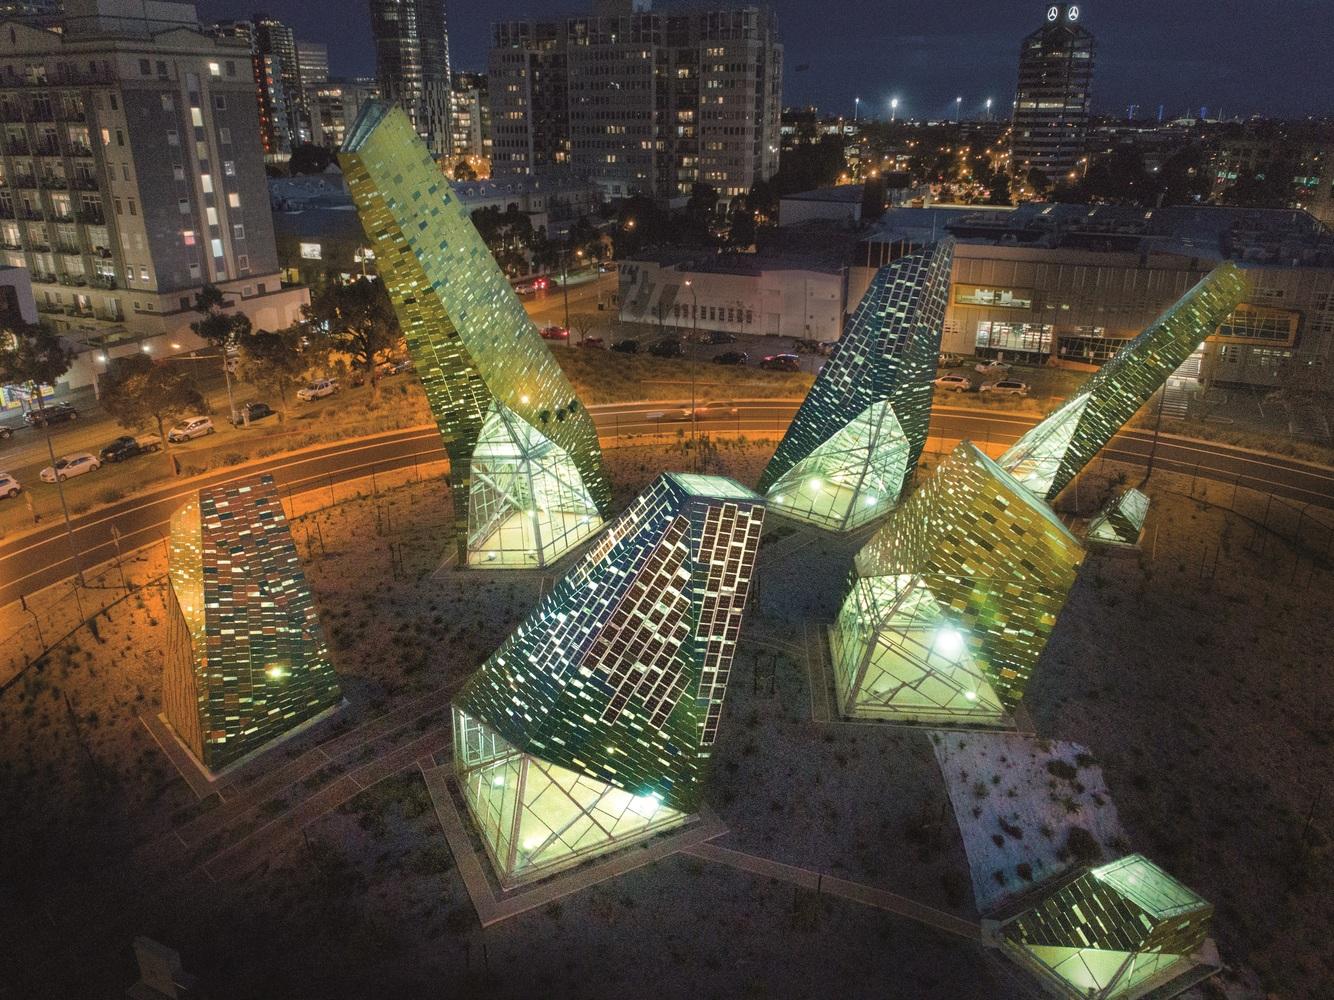 澳大利亚雕塑装置及动物庇护所